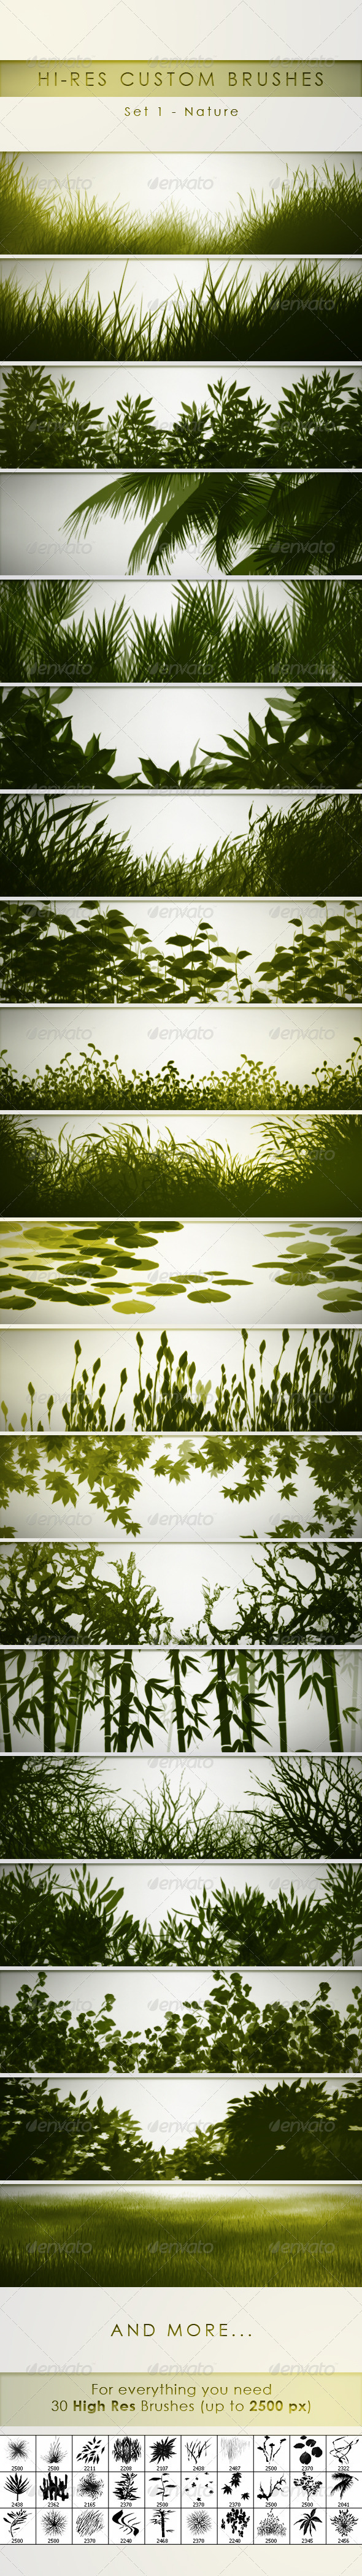 GraphicRiver 30 Hi-Res Custom Brushes Nature 548455